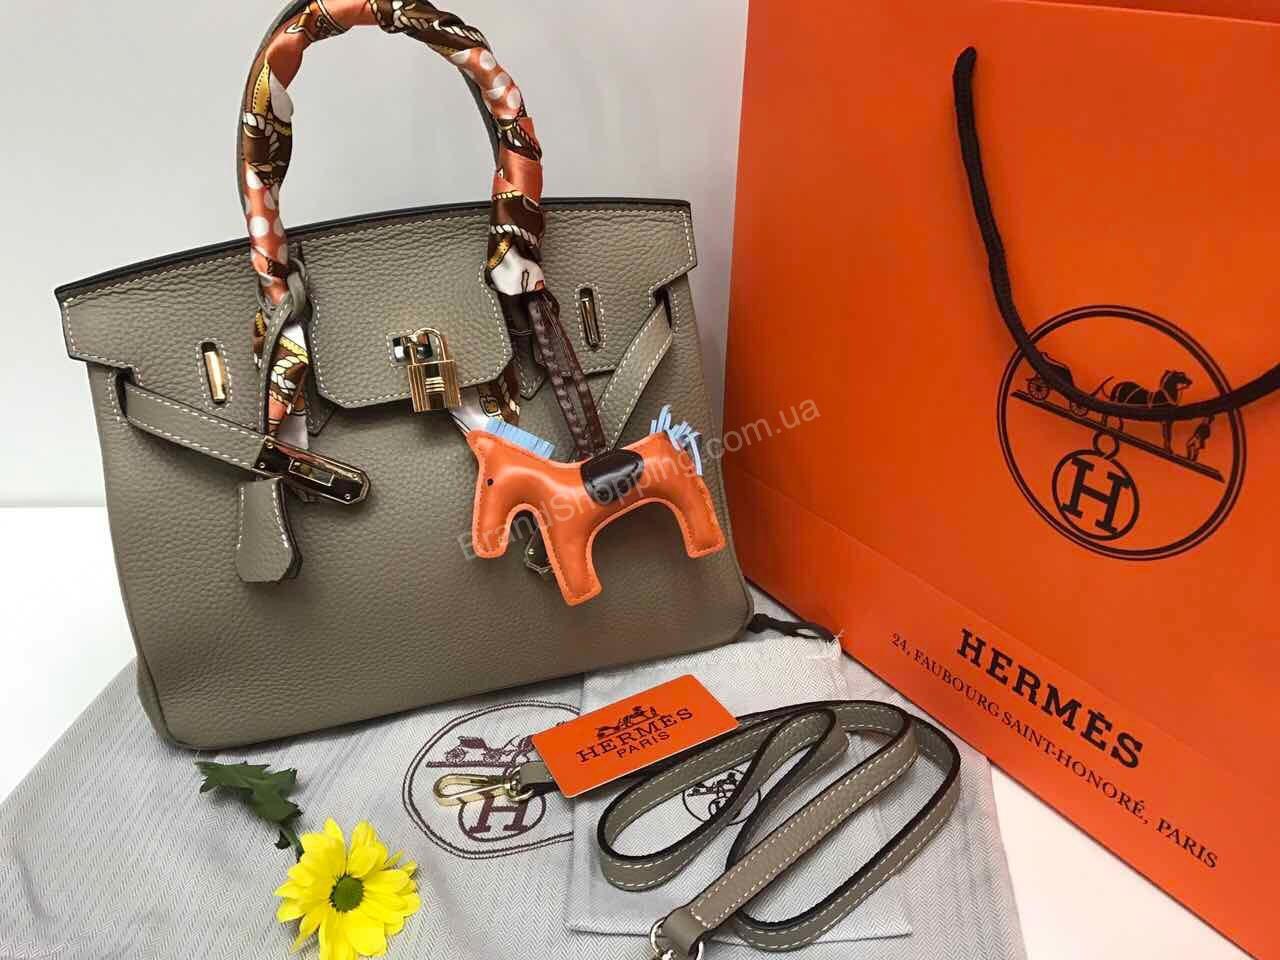 Кожаная сумка Hermes Birkin Lux беж 1360 - купить по лучшей цене в ... d4209afa723